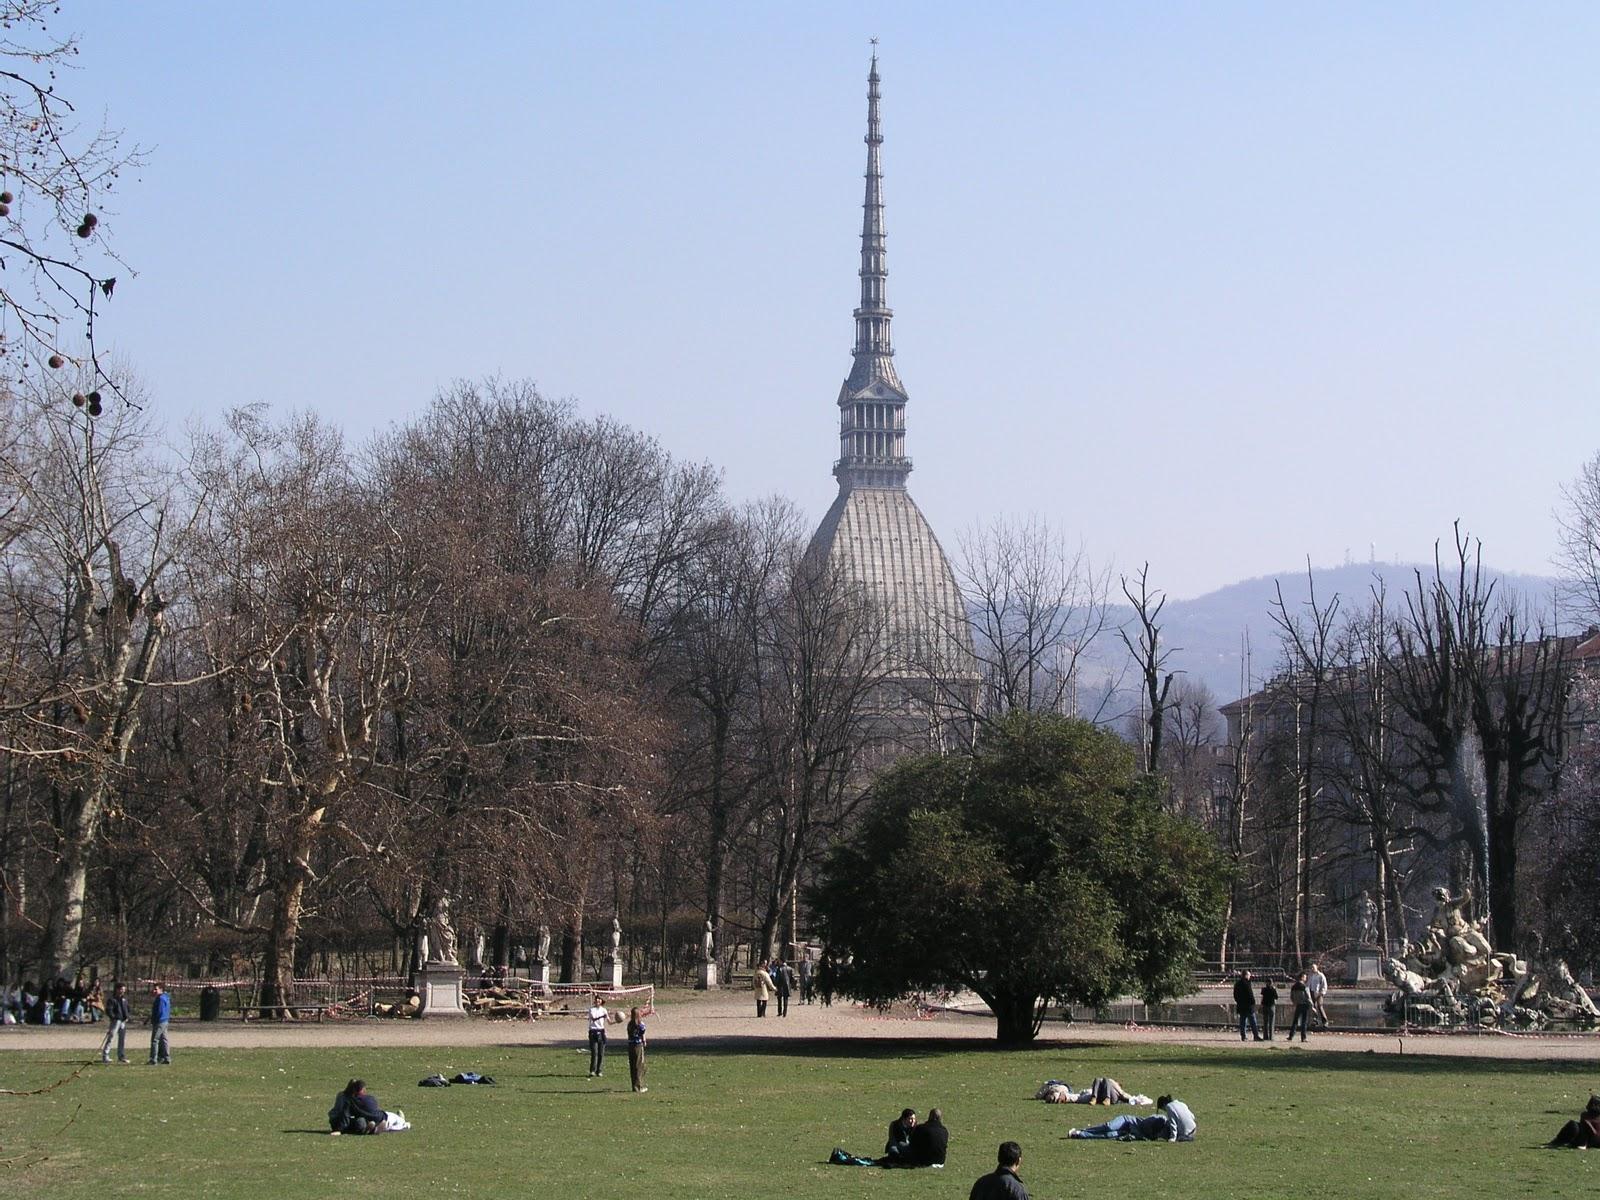 Giardini reali torino michele d ottavio top turin photos